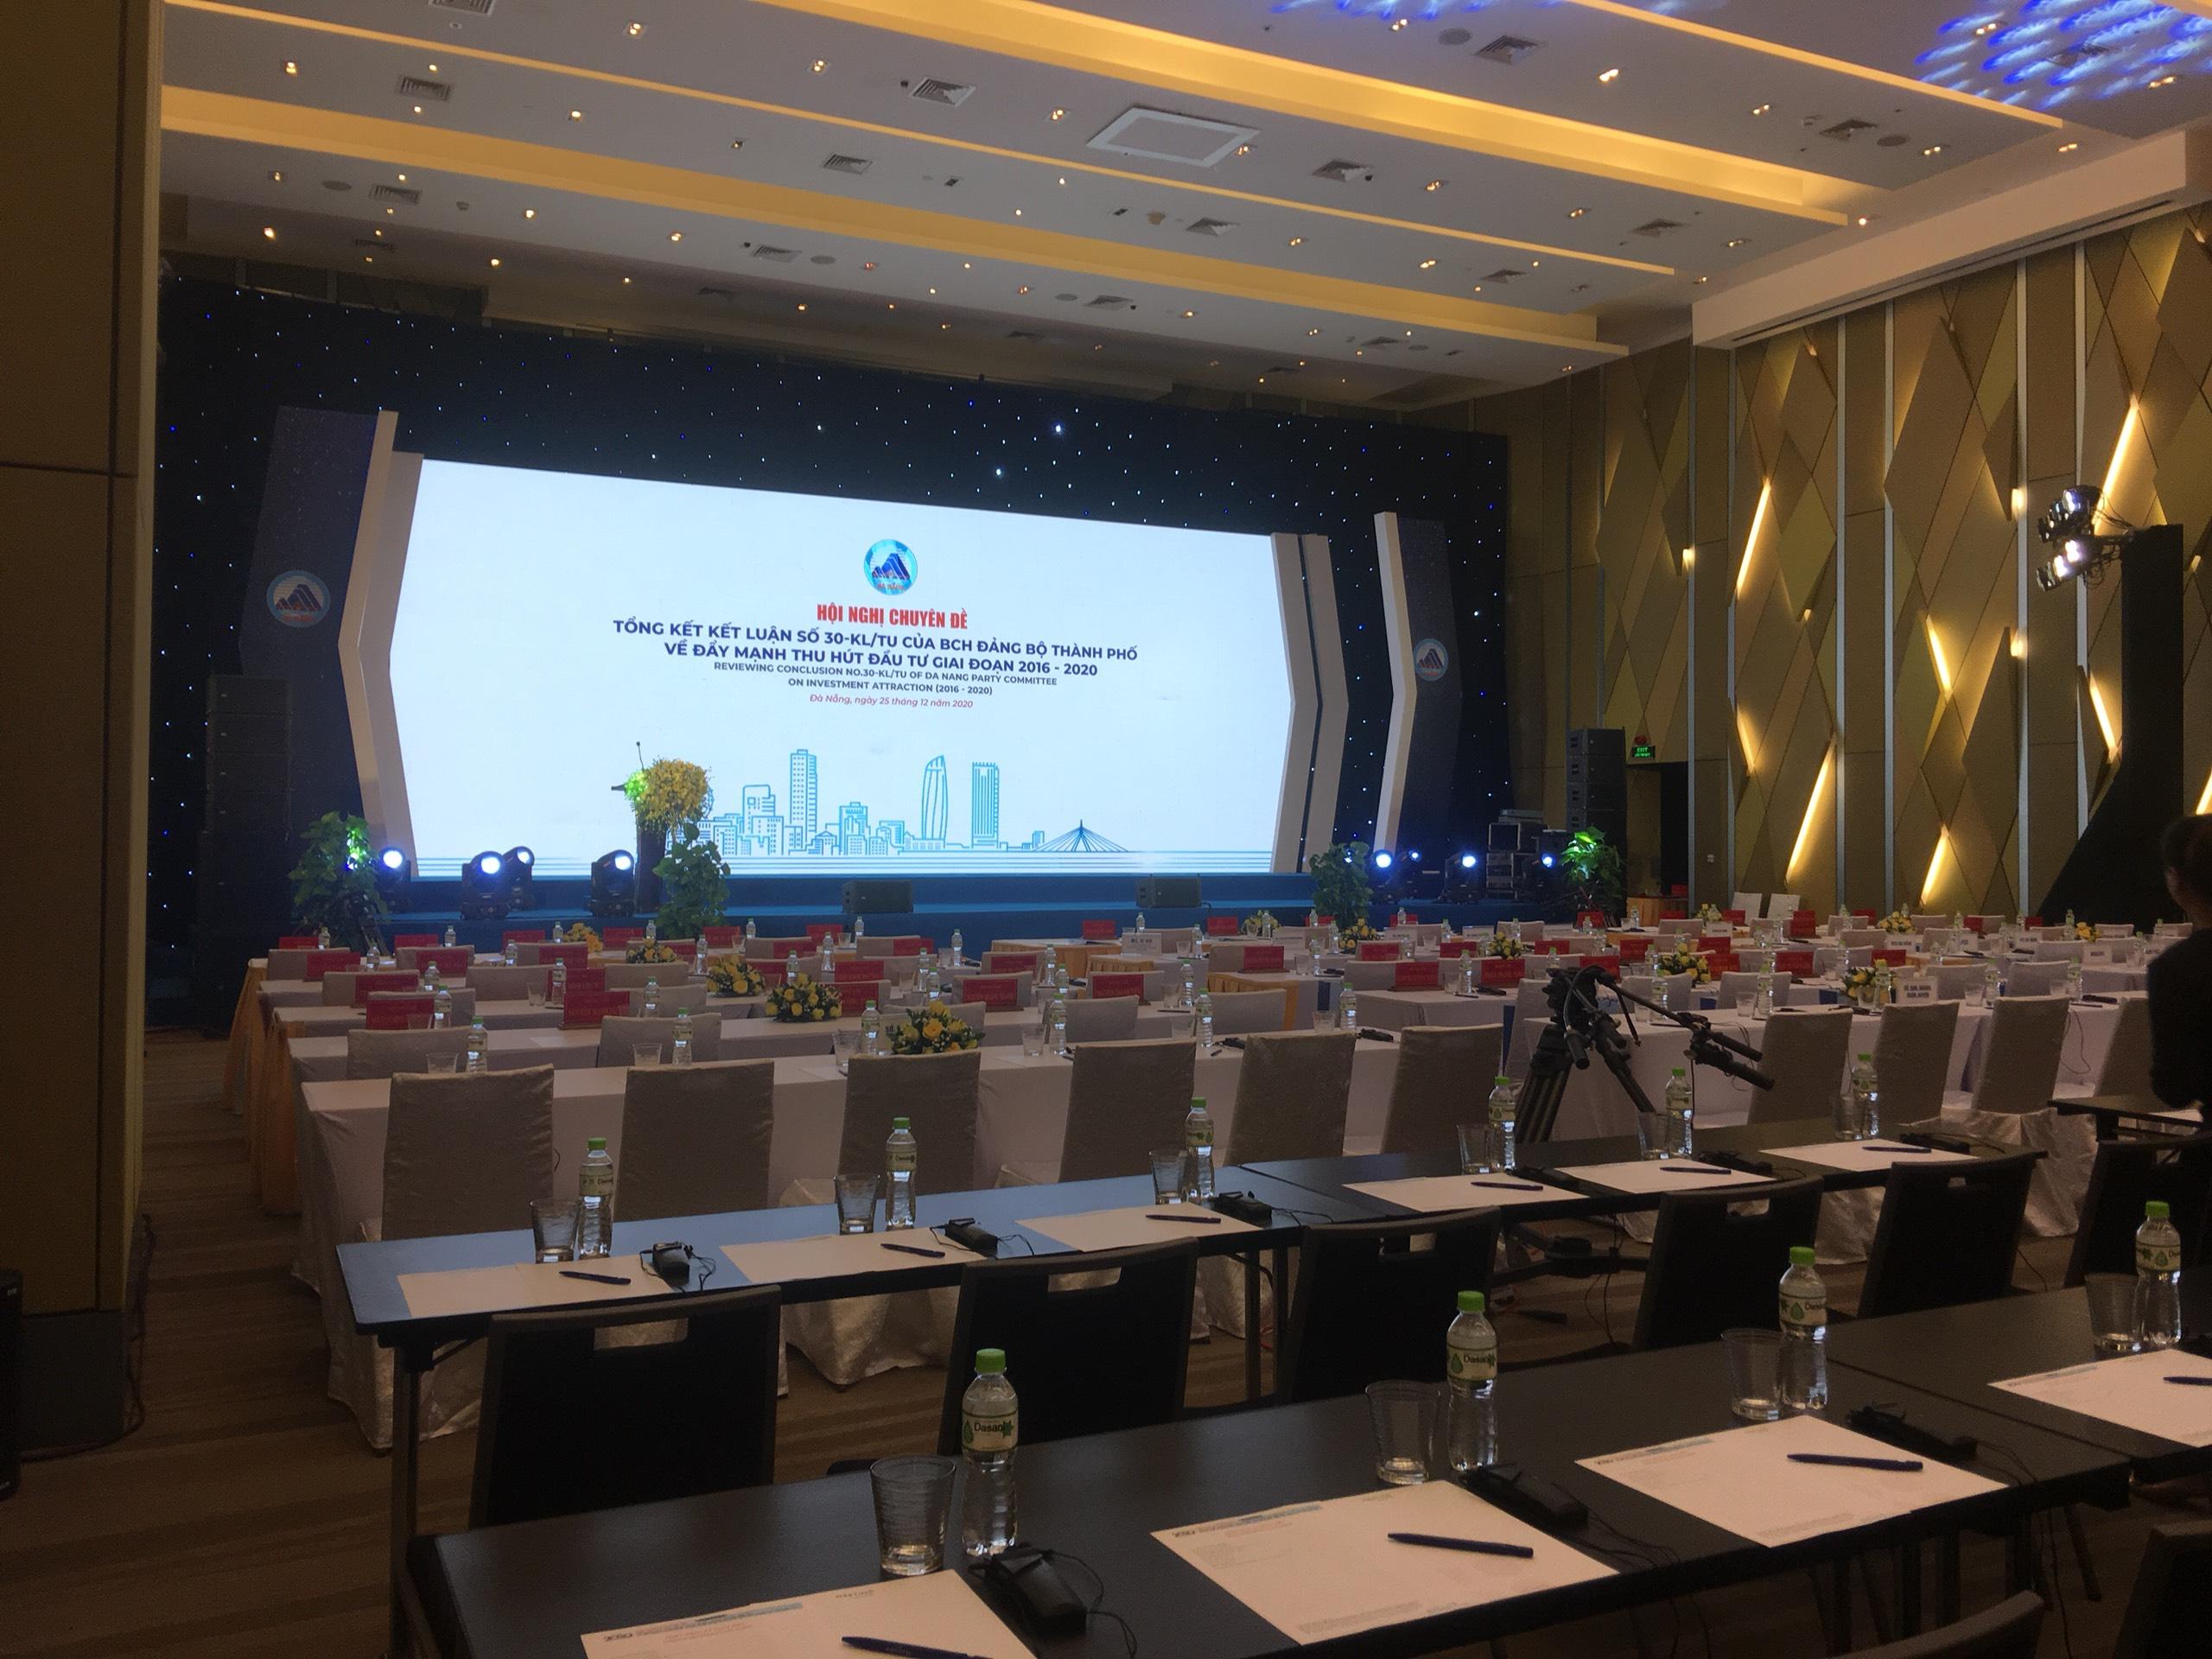 Hội nghị tổng kết thực hiện Kết luân số 30 - KL/TU của Thành uỷ Đà Nẵng về đẩy mạnh thu hút đầu tư giai đoạn 2016-2020